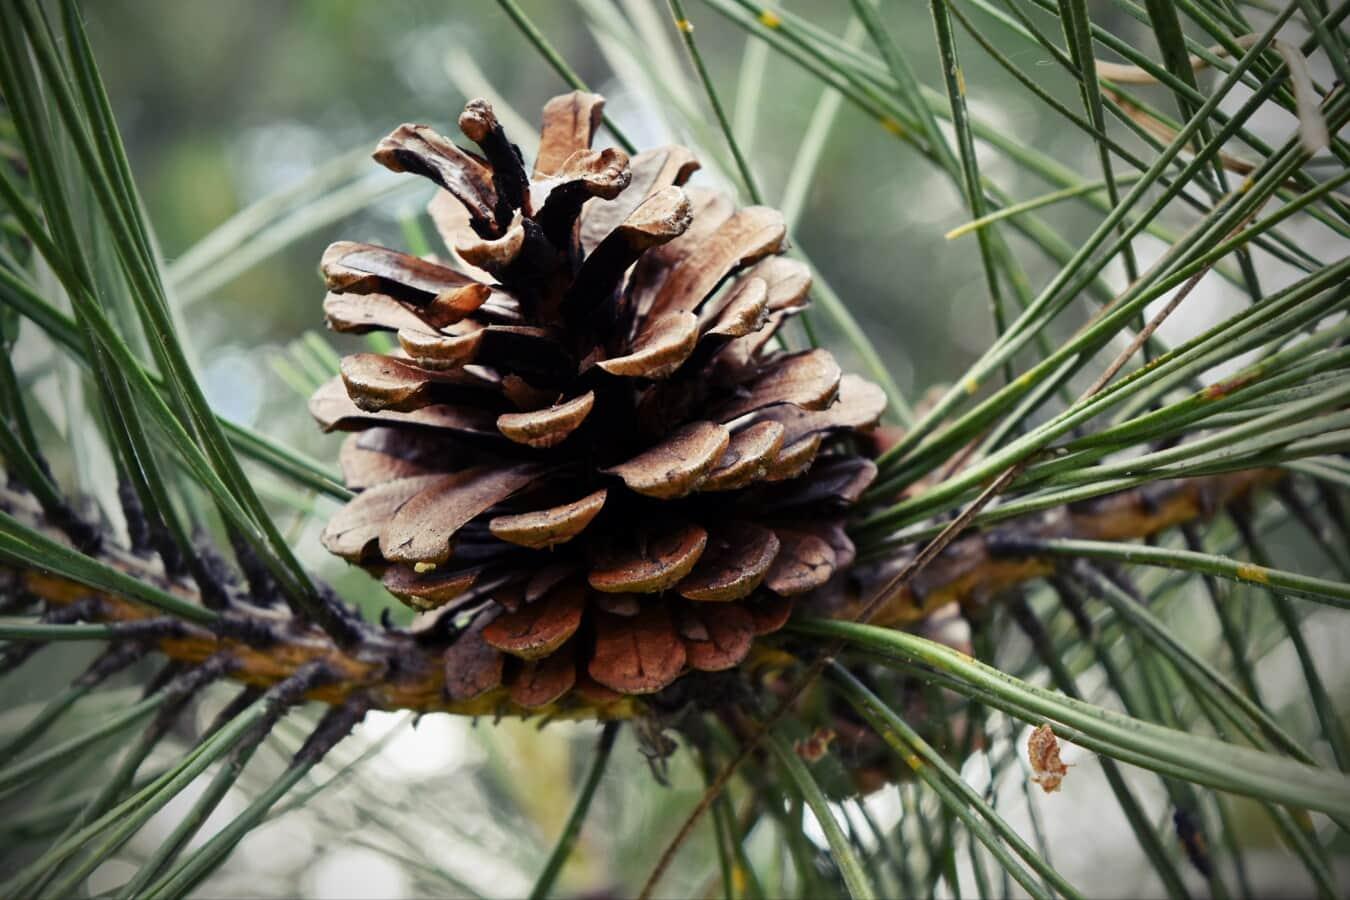 zimozielony, natura, drzewo, sosna, stożek, drzewo iglaste, Oddział, sezon, Boże Narodzenie, zbliżenie